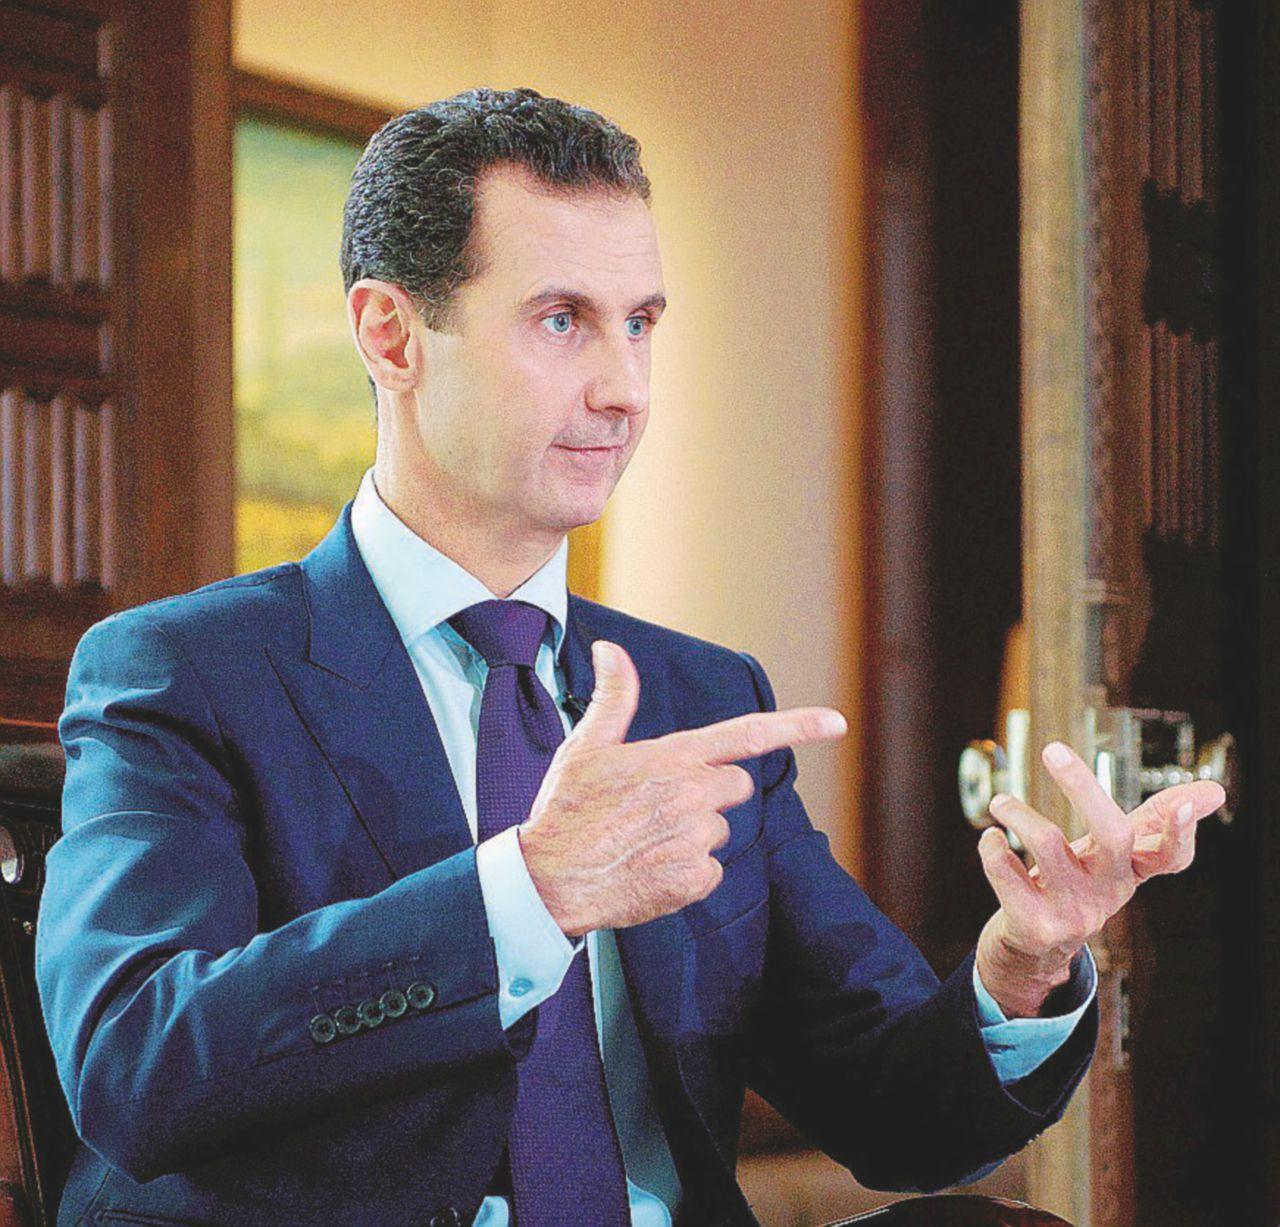 Sequestrata la ditta italiana che aiutava le spie di Assad